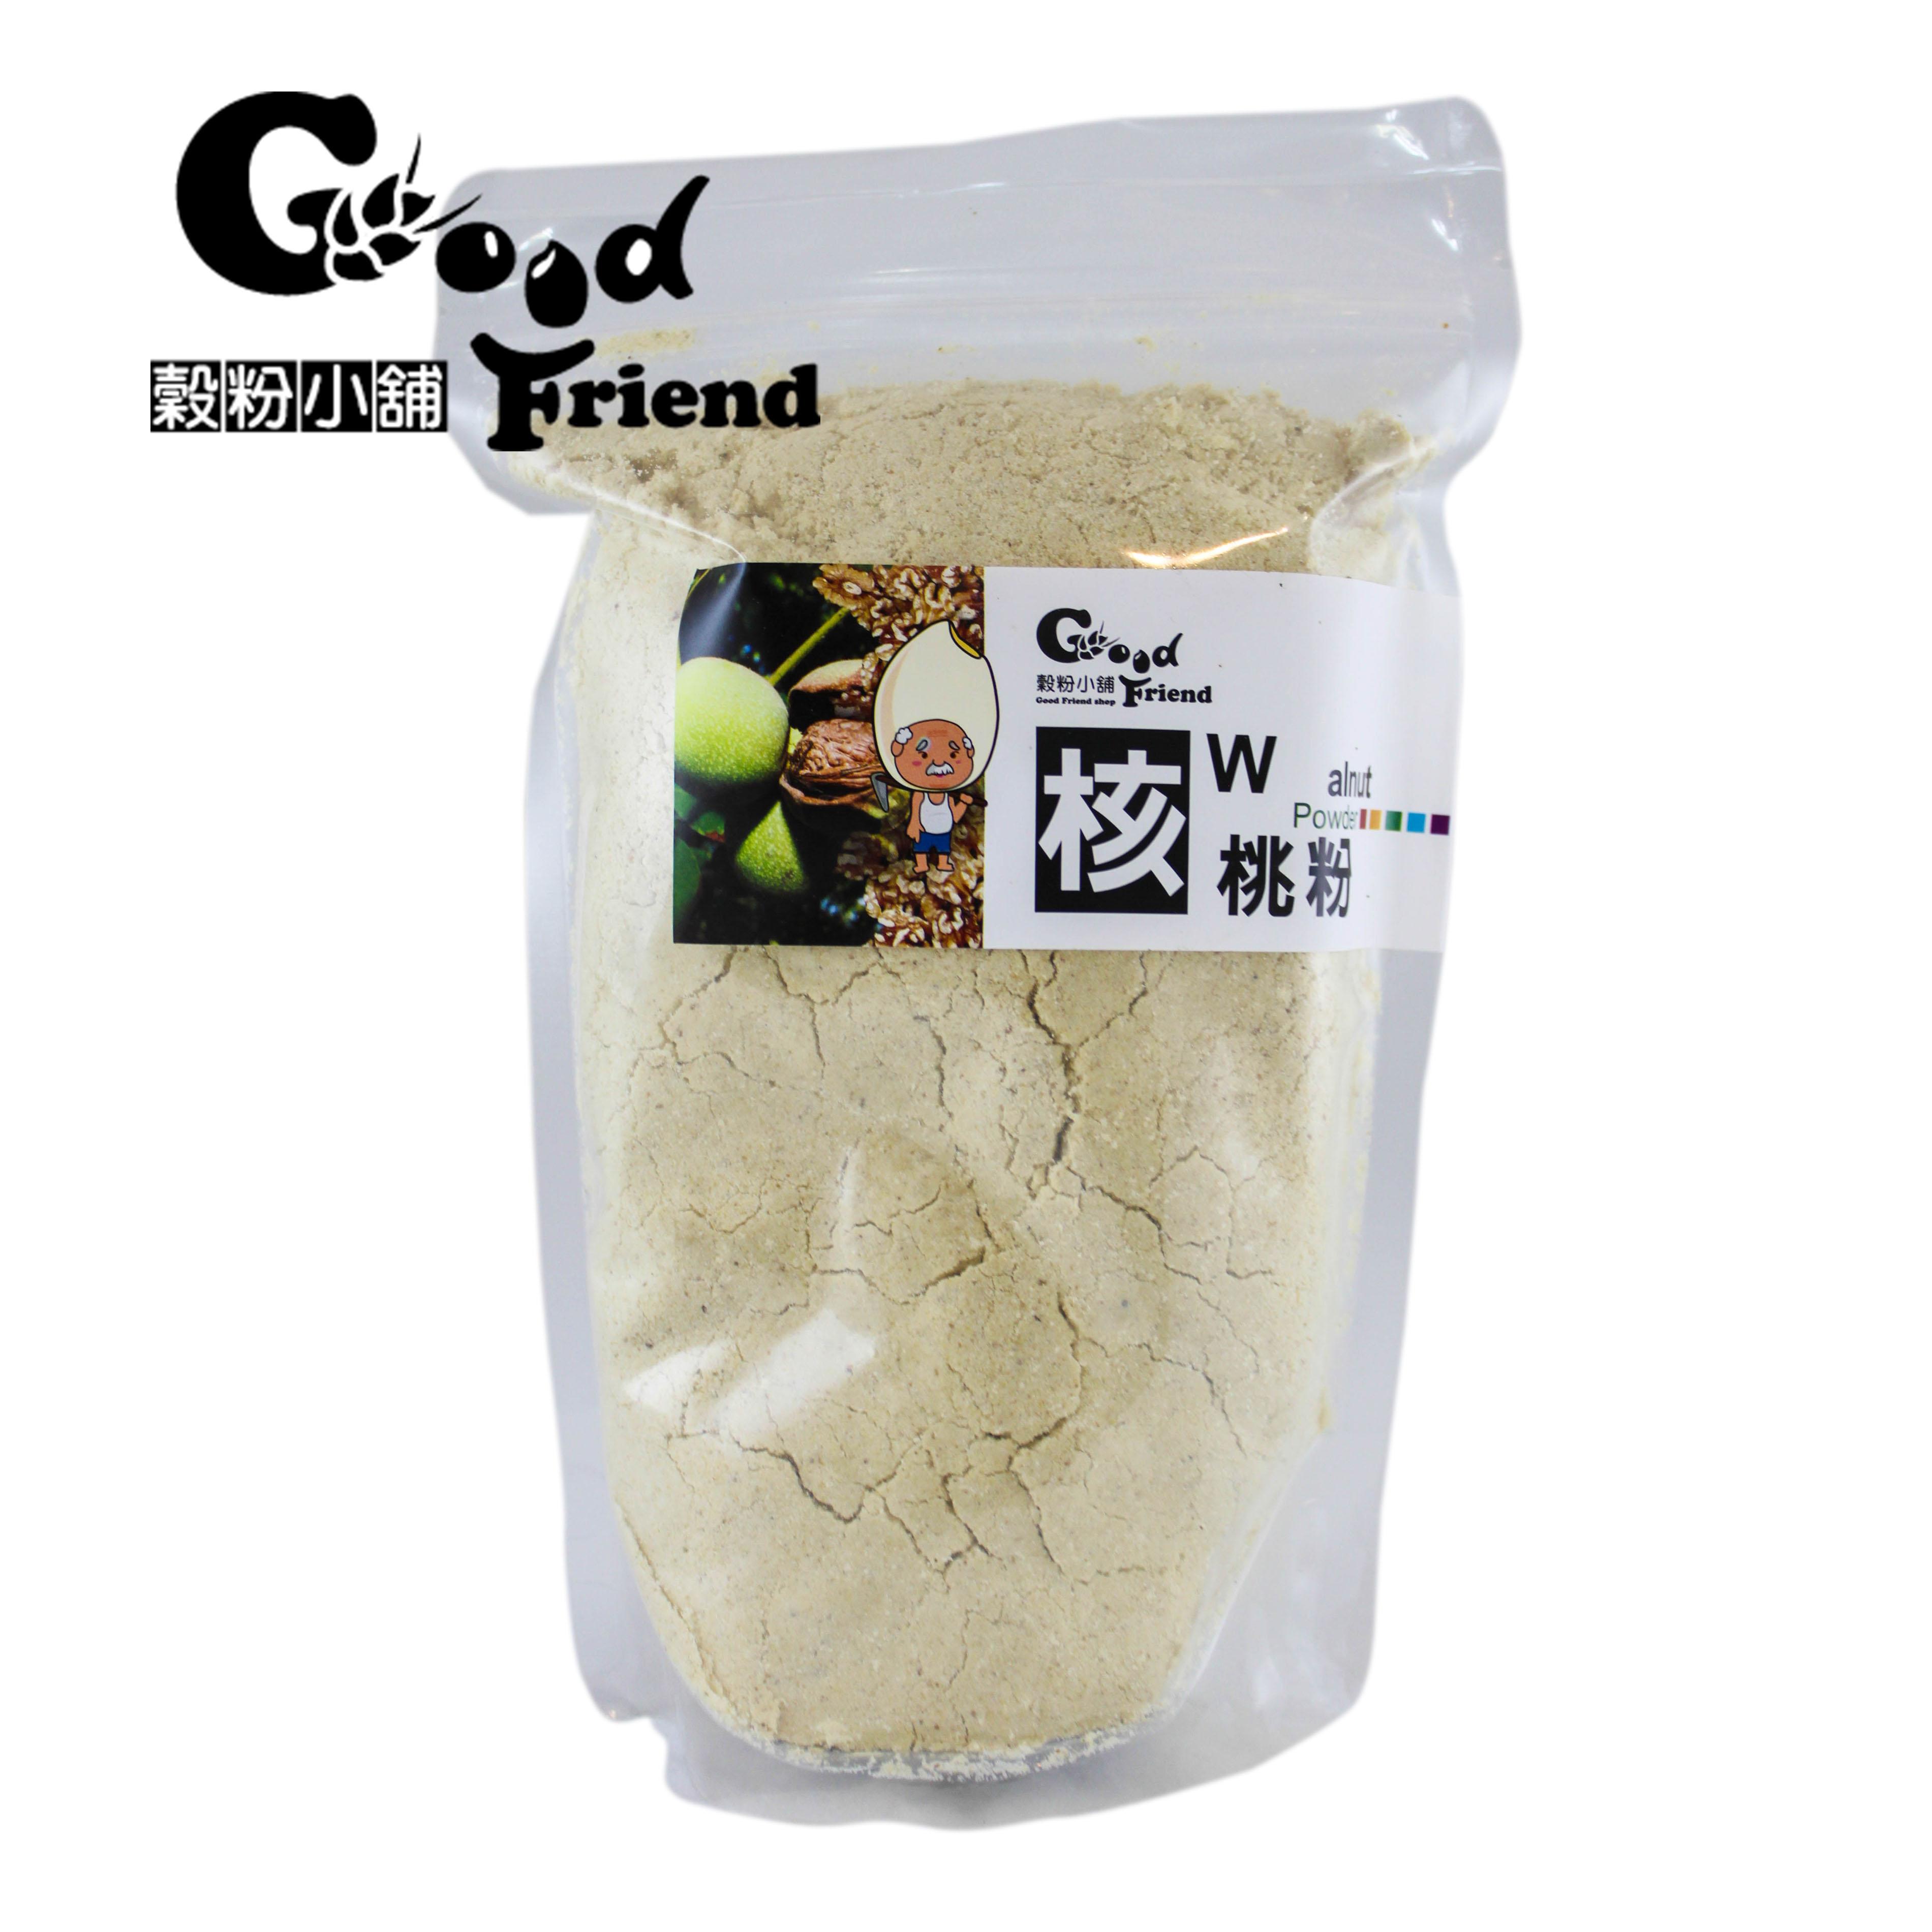 【穀粉小舖 Good Friend Shop】 新鮮 自製 天然 健康 核桃粉